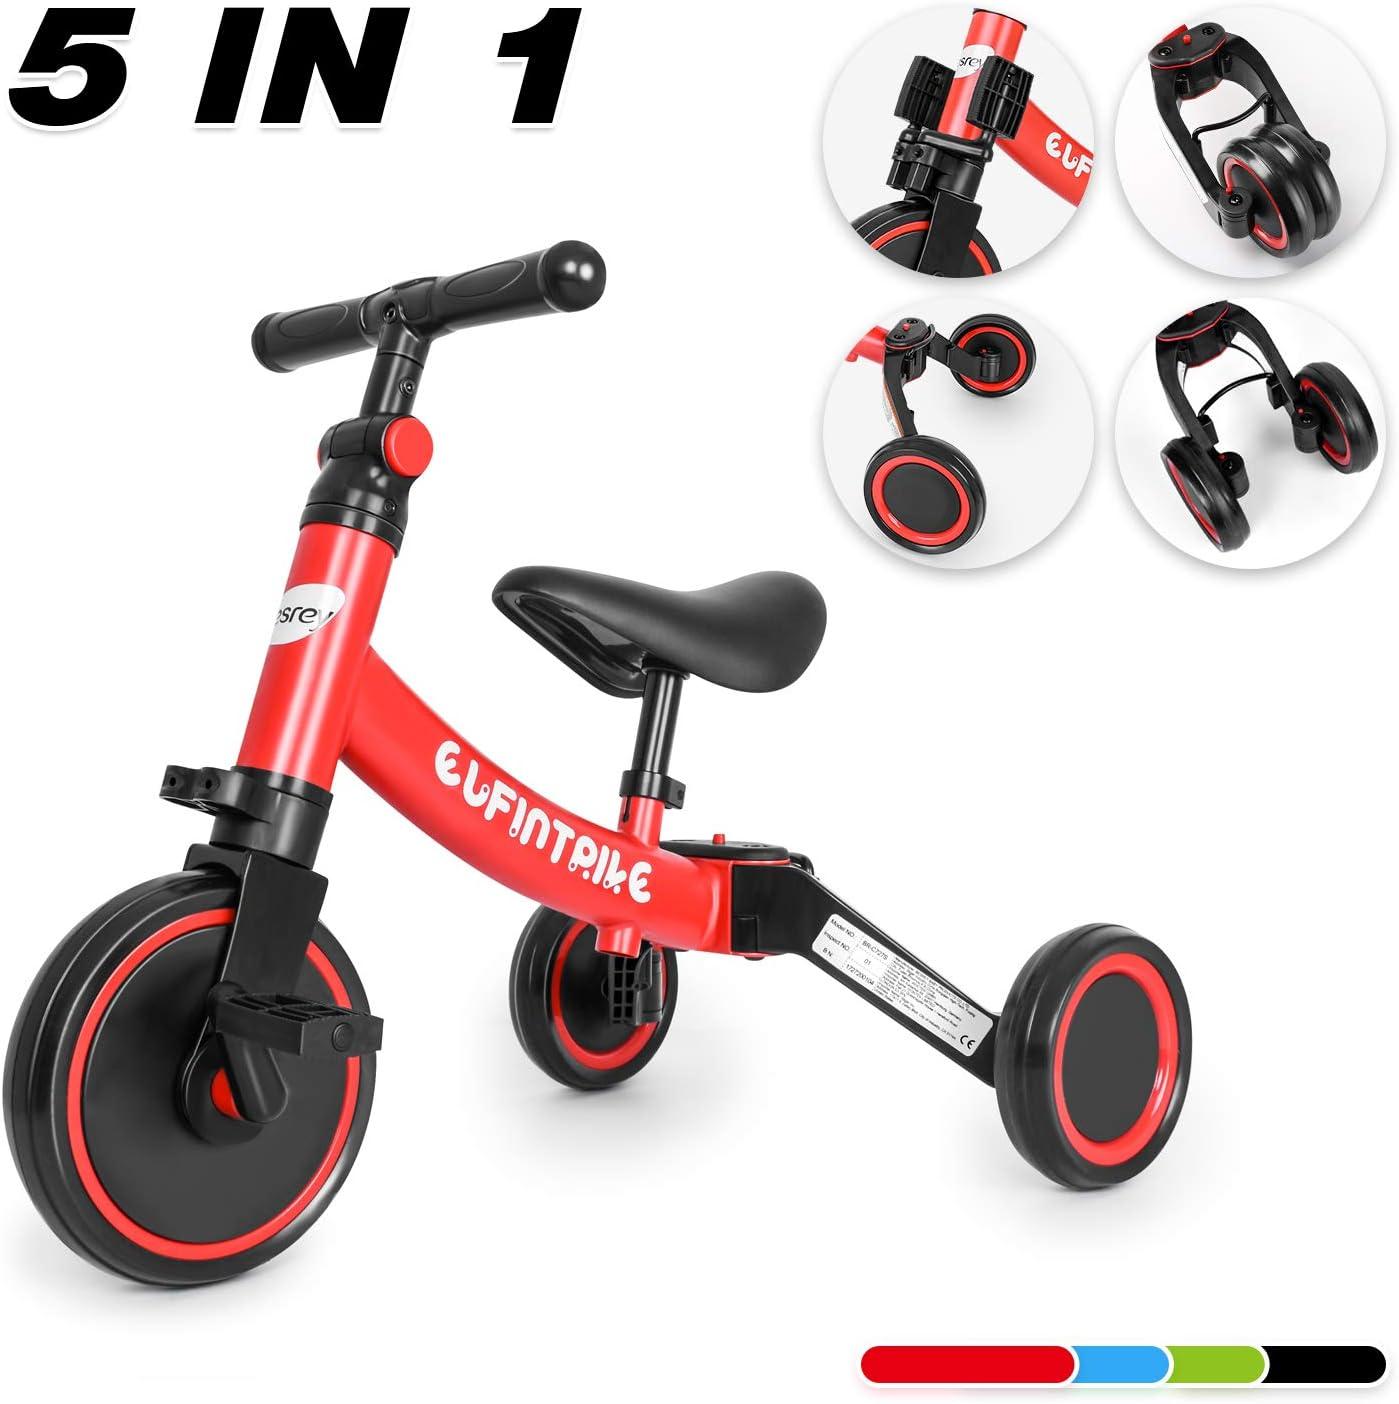 besrey Tricilos para Niños, 5 en 1 Un Bici polivalente, Triciclo & Bicicleta & Carro de Equilibrio & Caminante, 2.8kg Ligero y portátil, Adecuado para niños de 1.5-4 años (Princesa roja) …